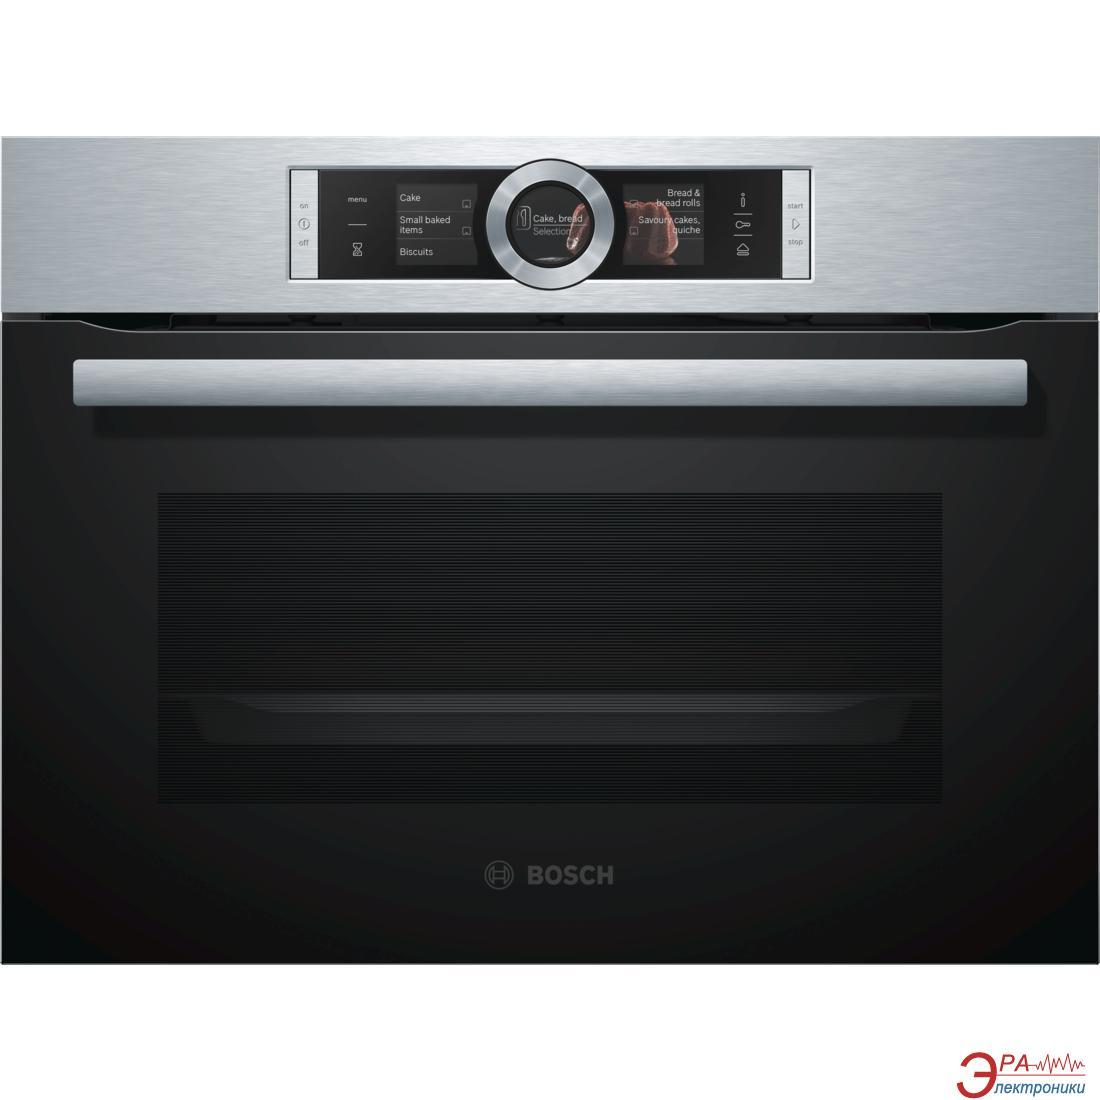 Встраиваемый духовой шкаф Bosch CSG656RS1